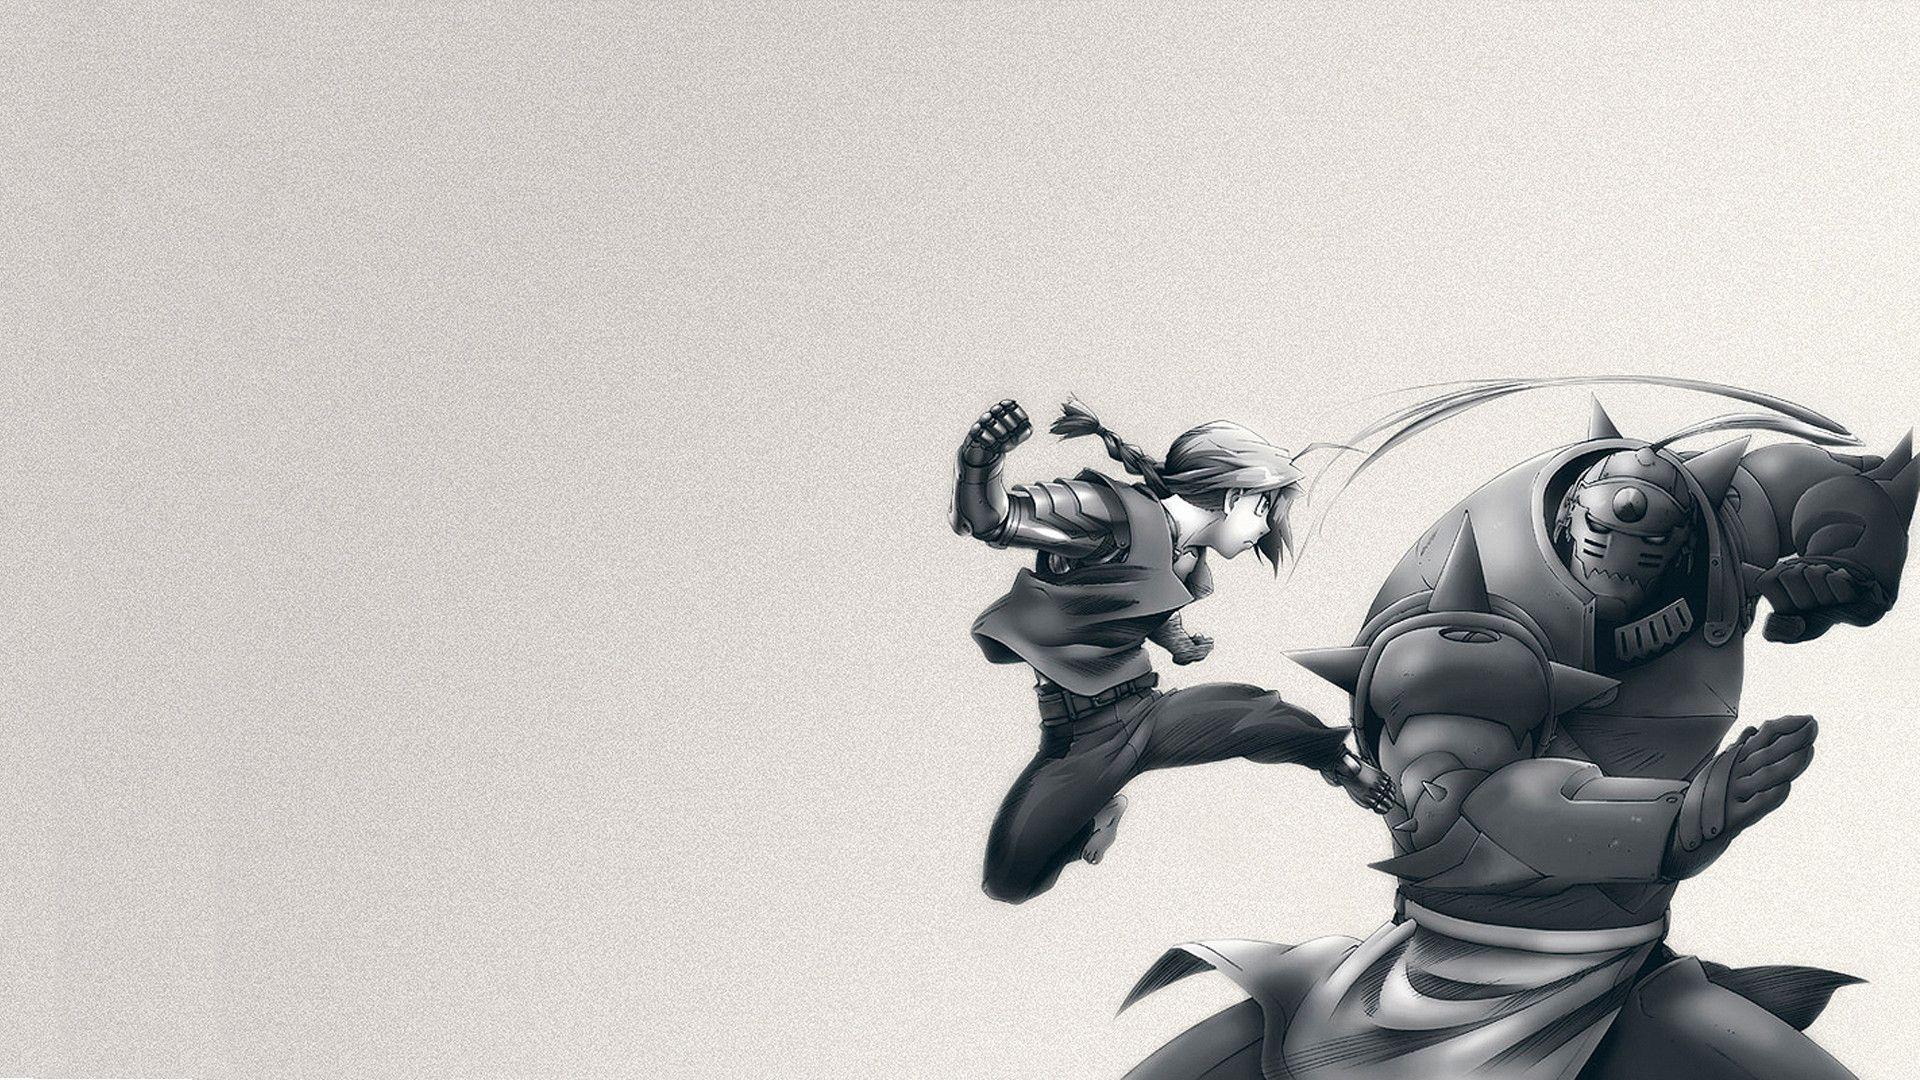 Fullmetal Alchemist: Brotherhood HD Wallpapers - Wallpaper ...